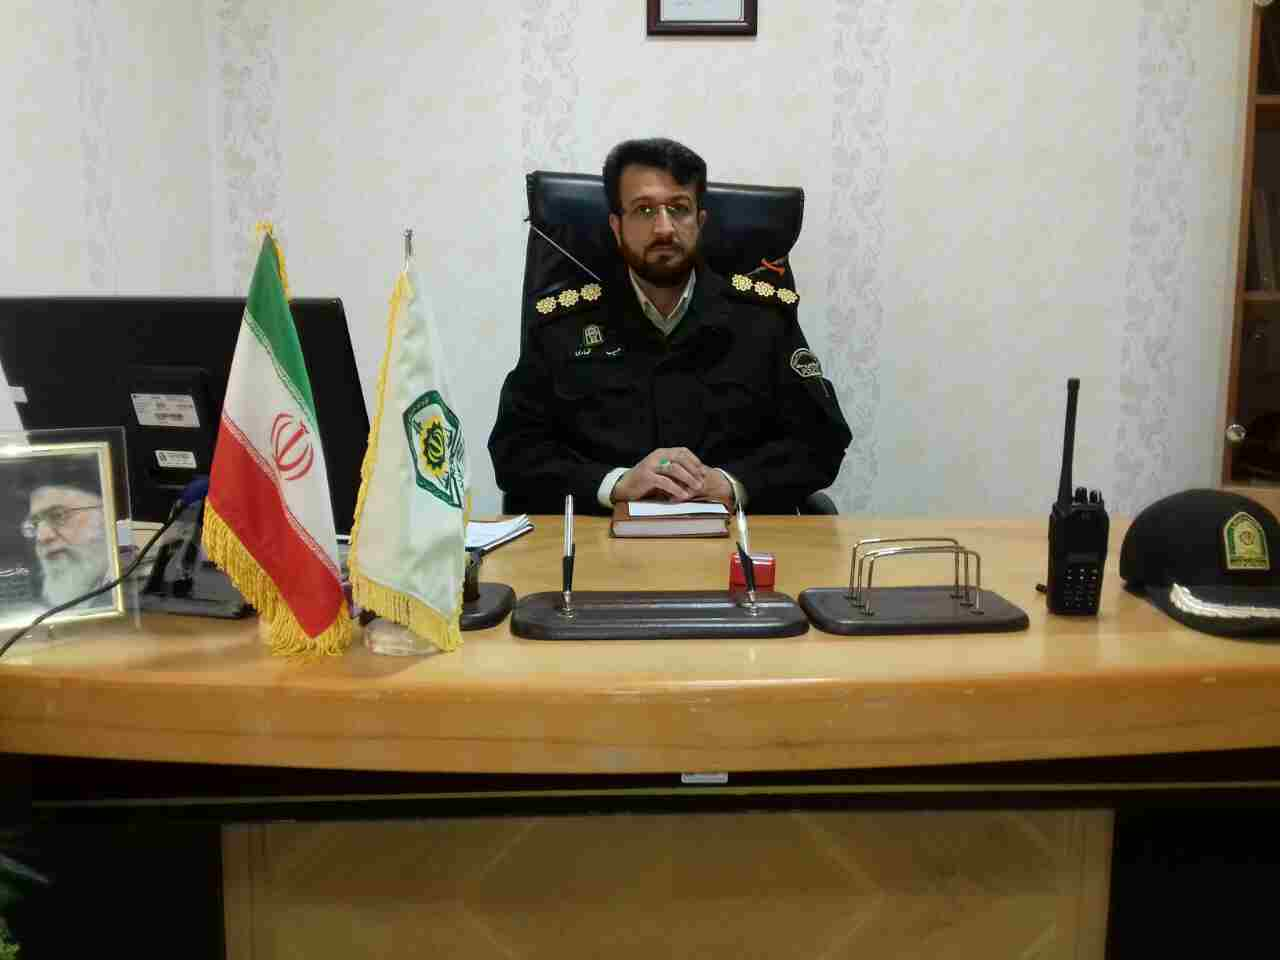 فرمانده جدید انتظامی درگز منصوب شد